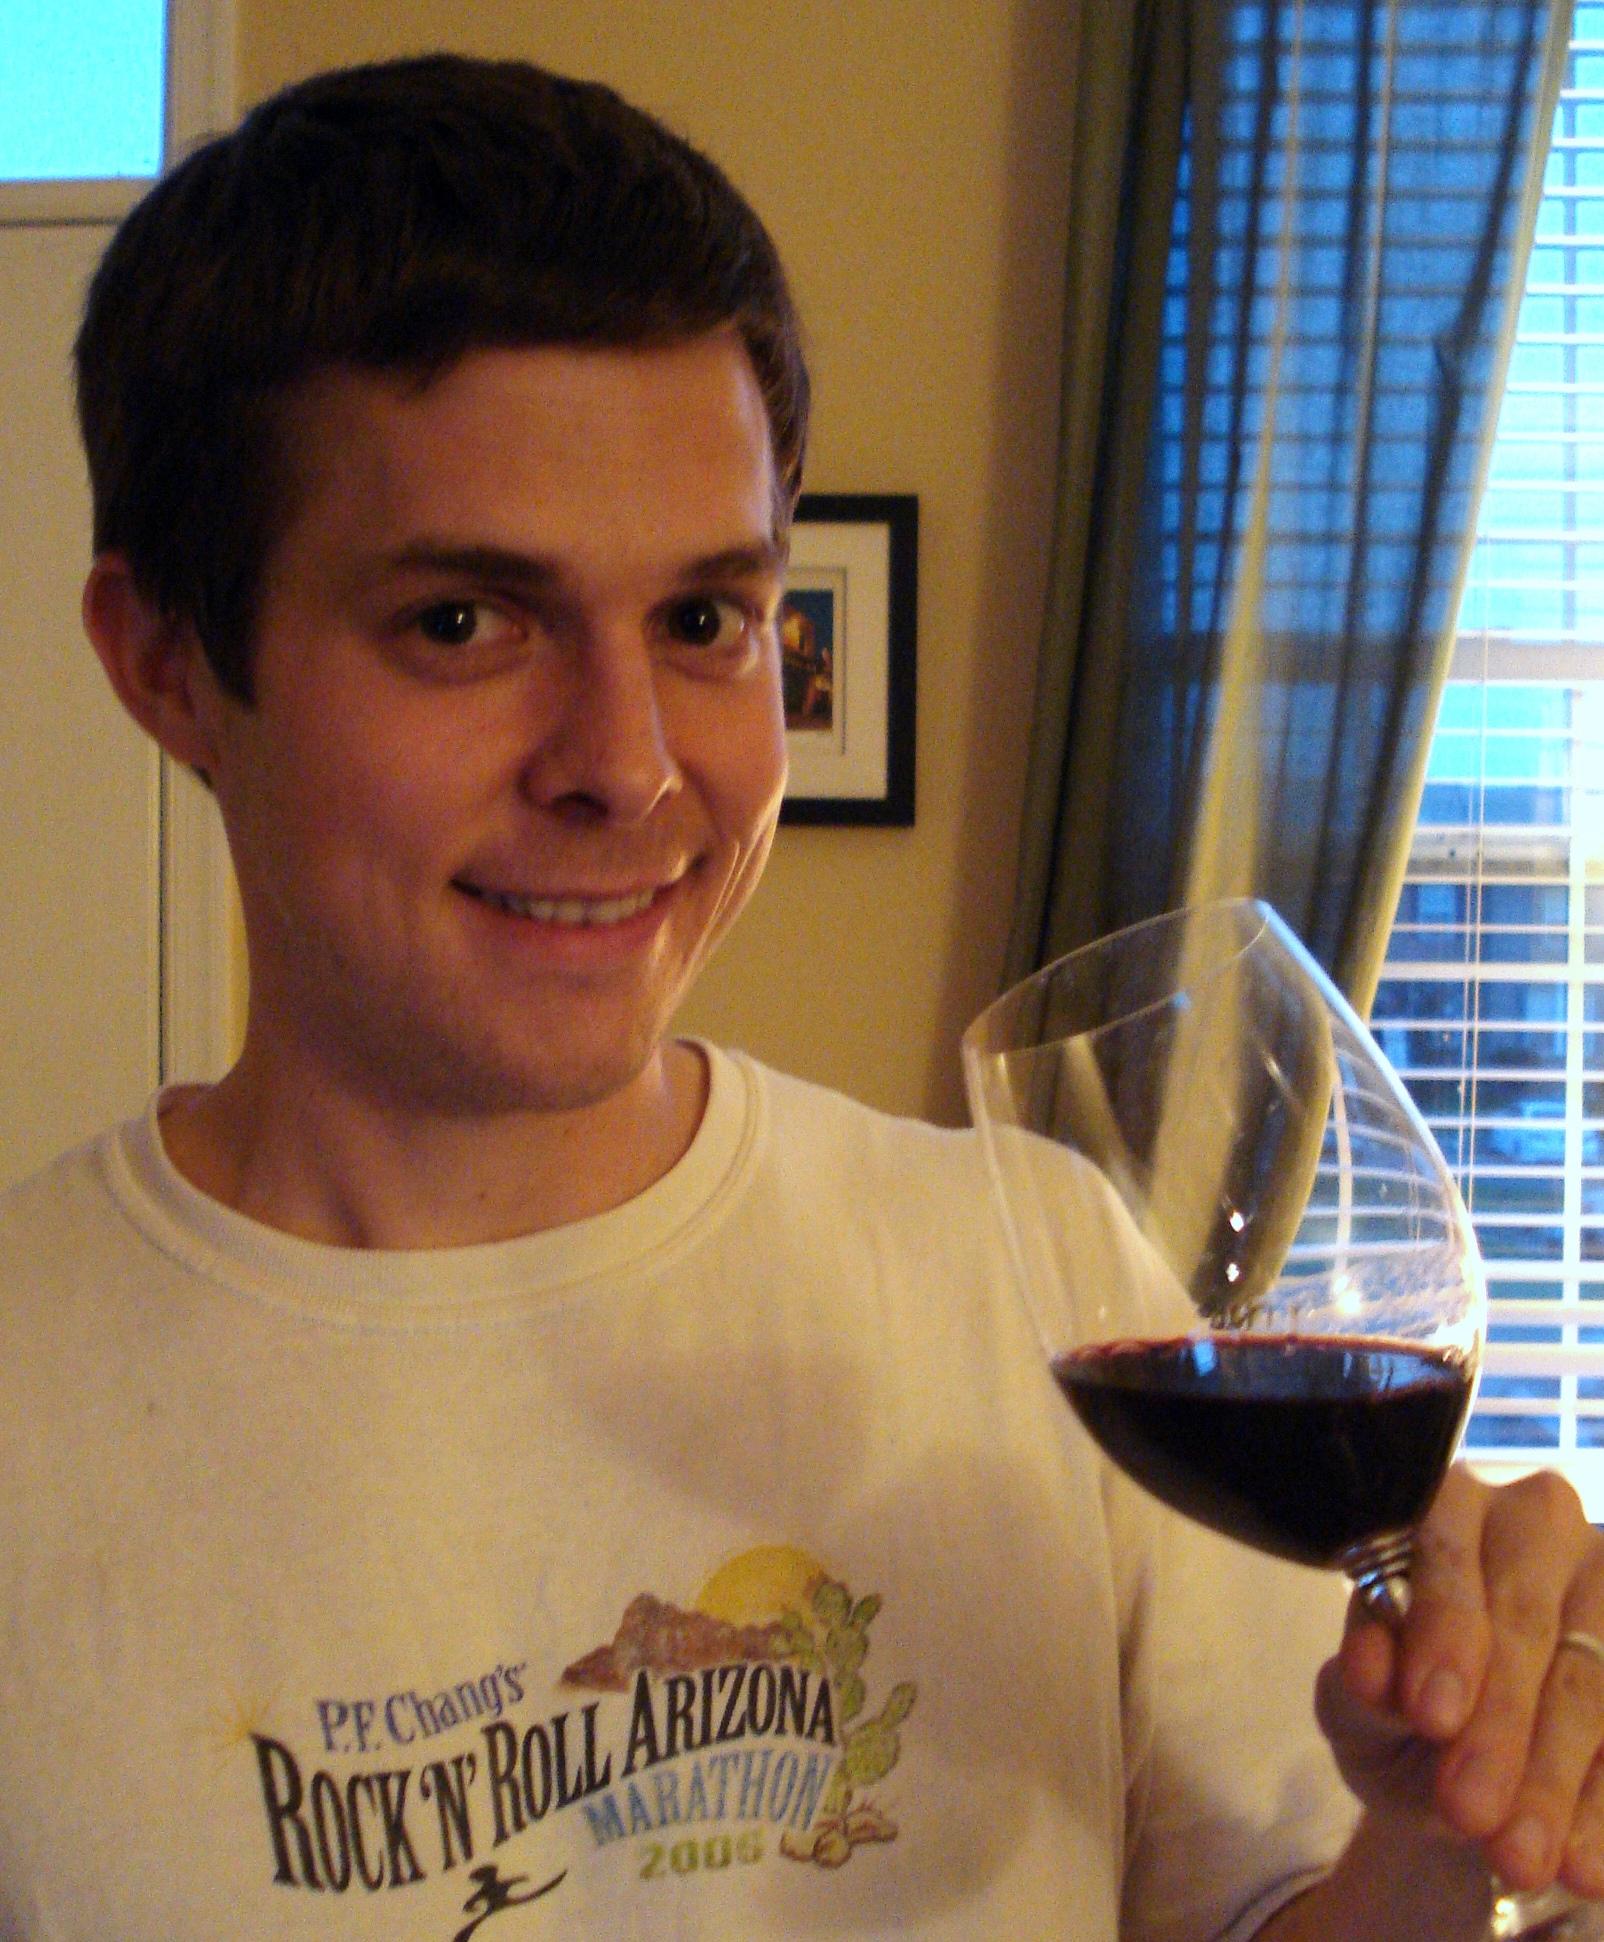 Matt drinking red wine from wine glass